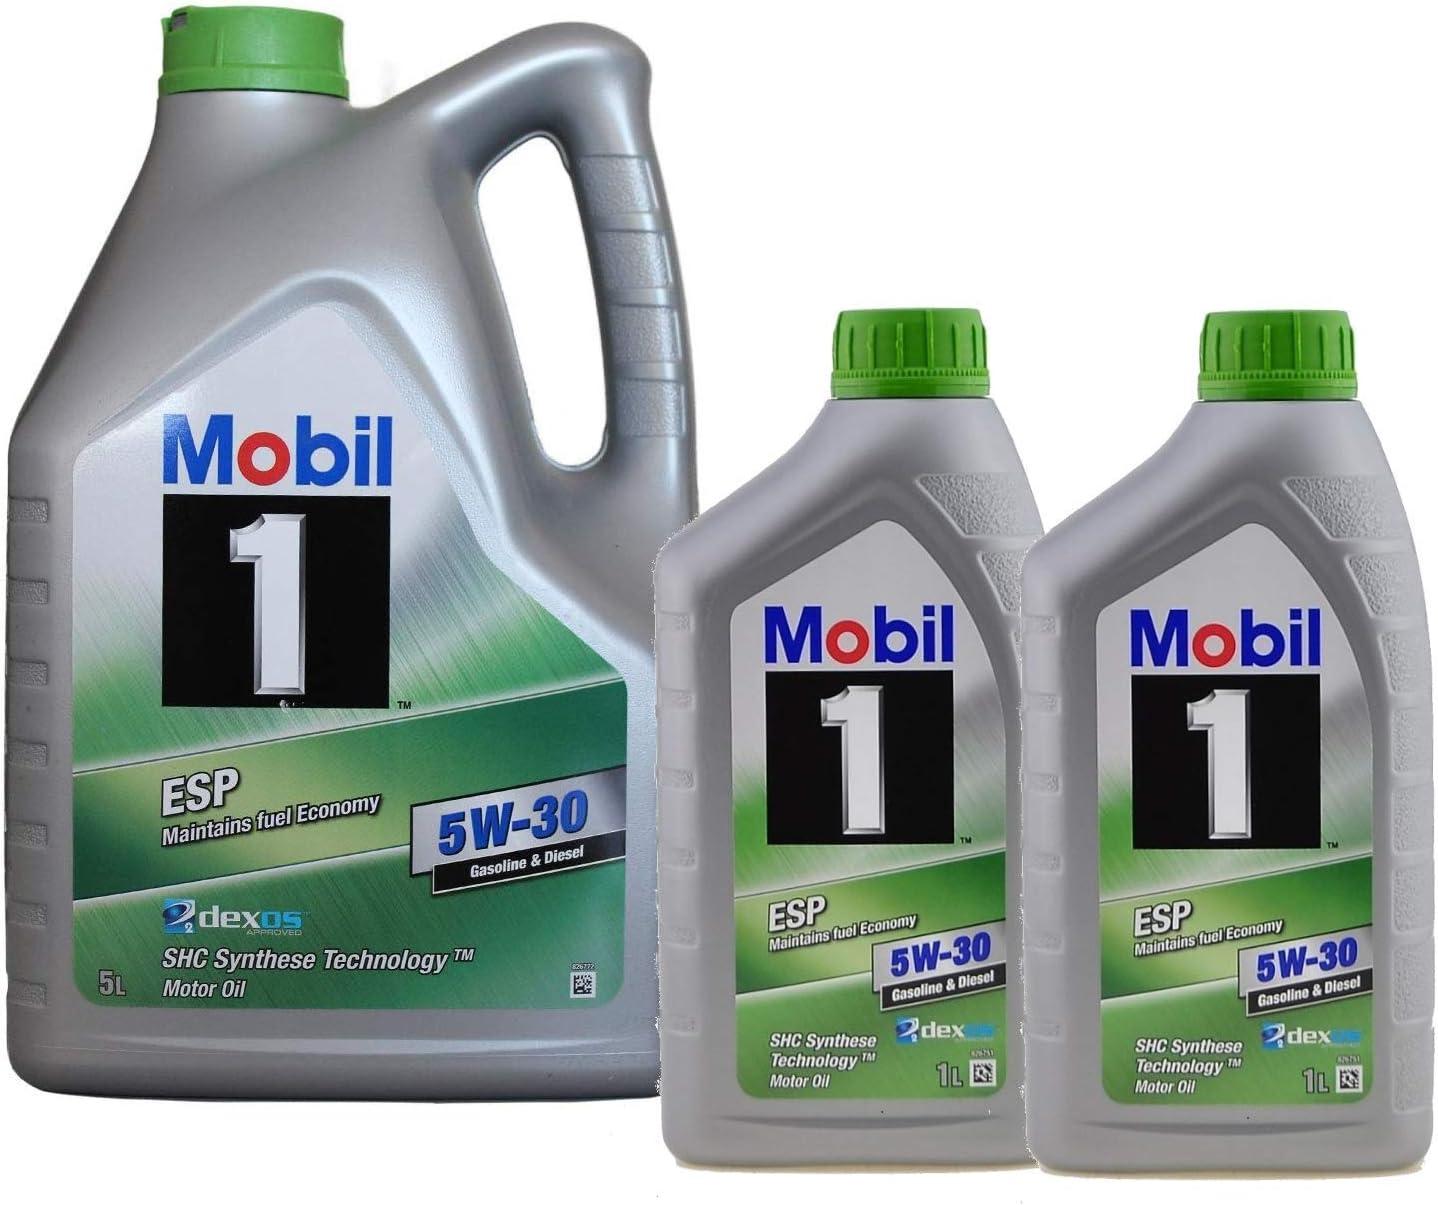 Aceite Lubricante Motor - Mobil 1 ESP 5W-30 dexos 2, 7 Litros (5 ...